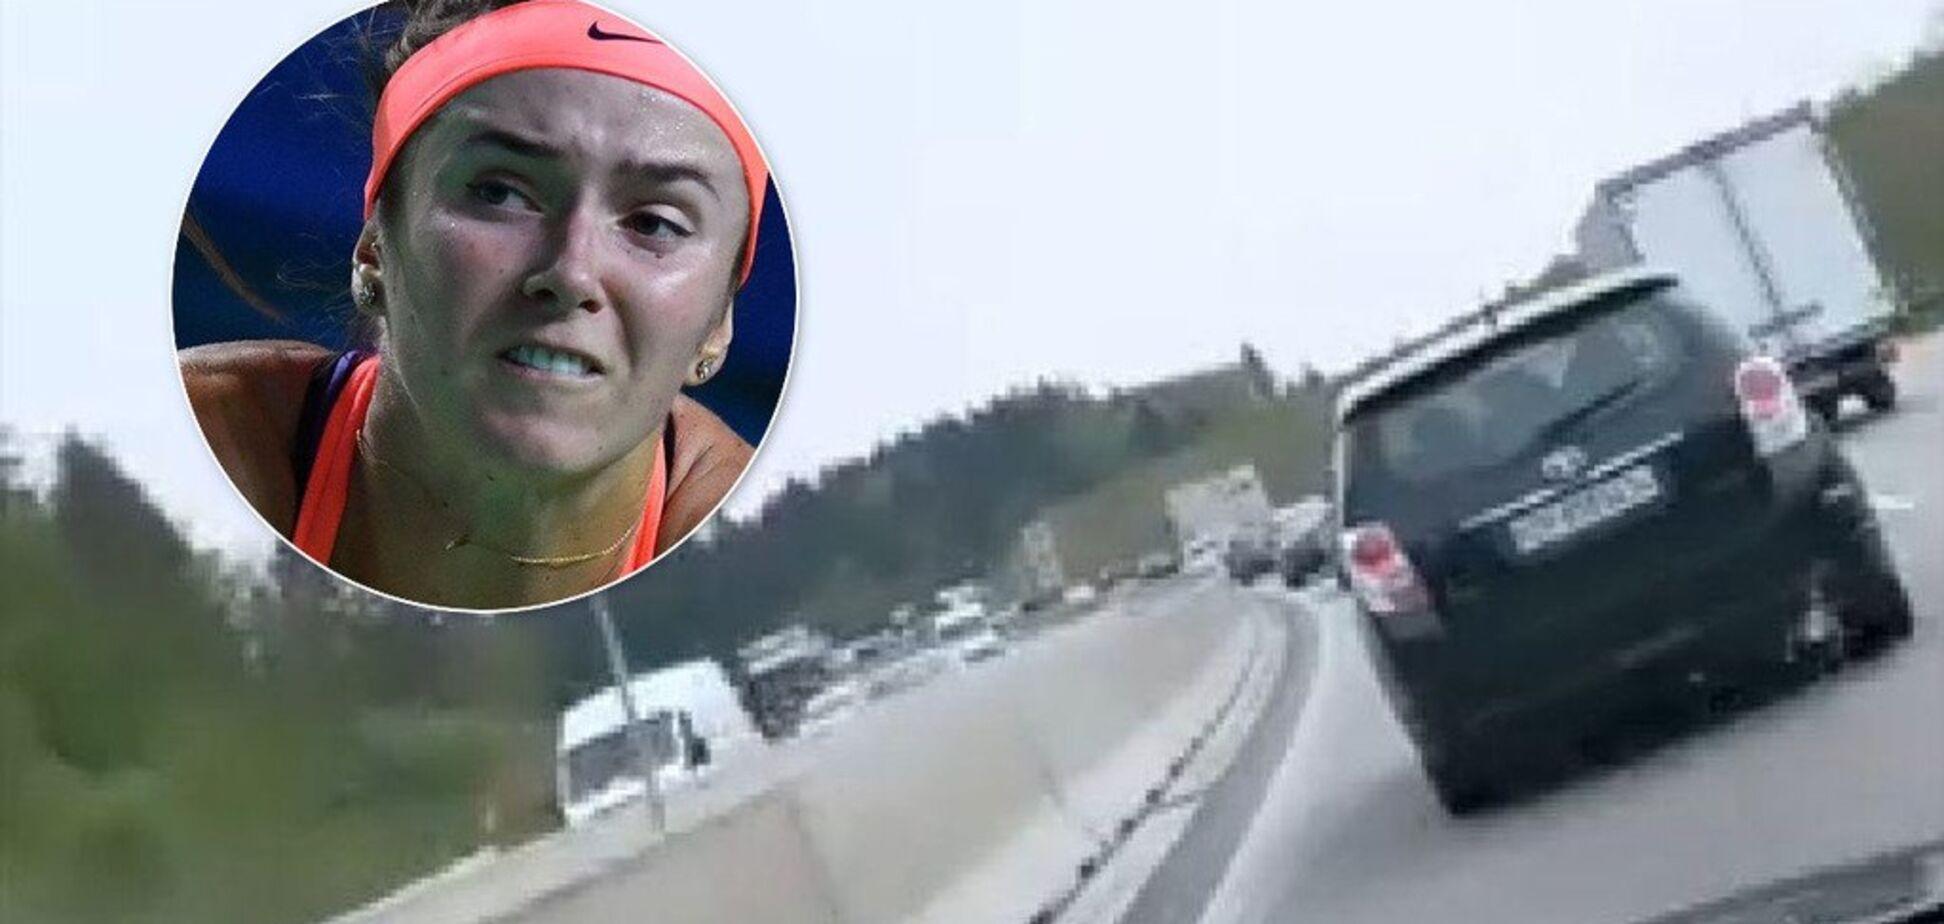 'F**k': Світоліна потрапила в неприємну ситуацію на дорозі і психонула